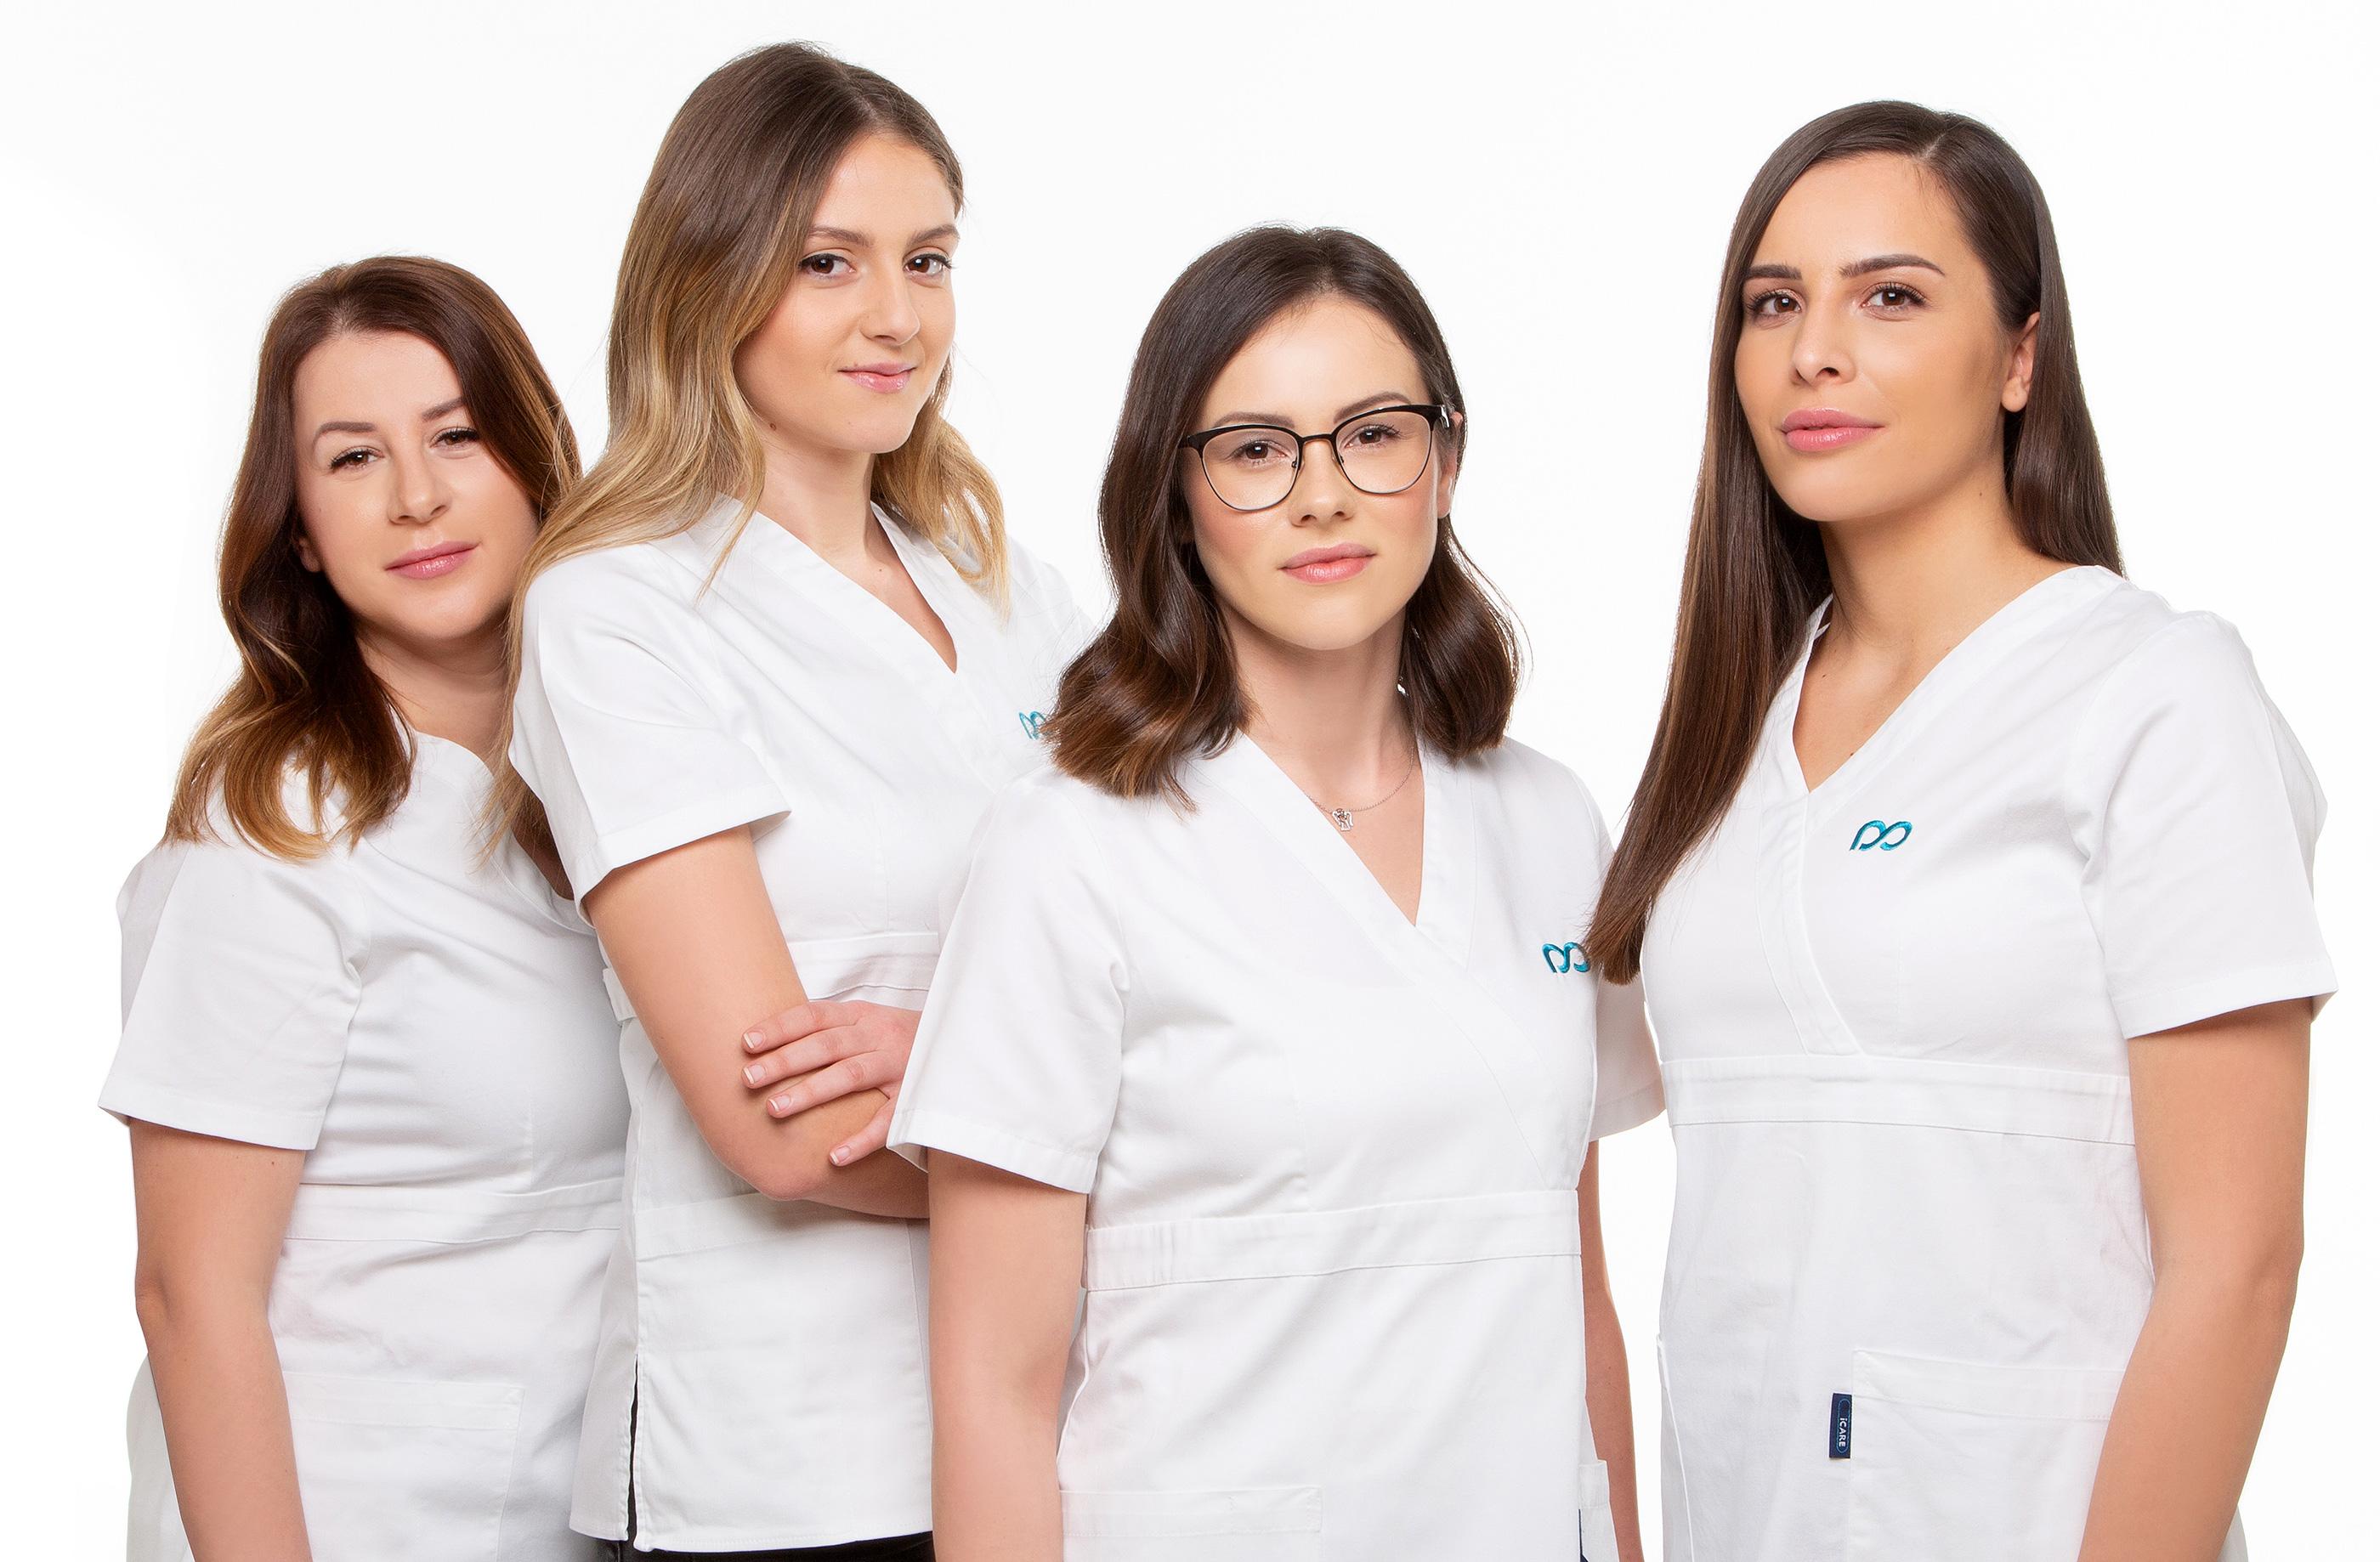 Doktoren Und Krankenschwestern Stockfoto - Bild von praxis